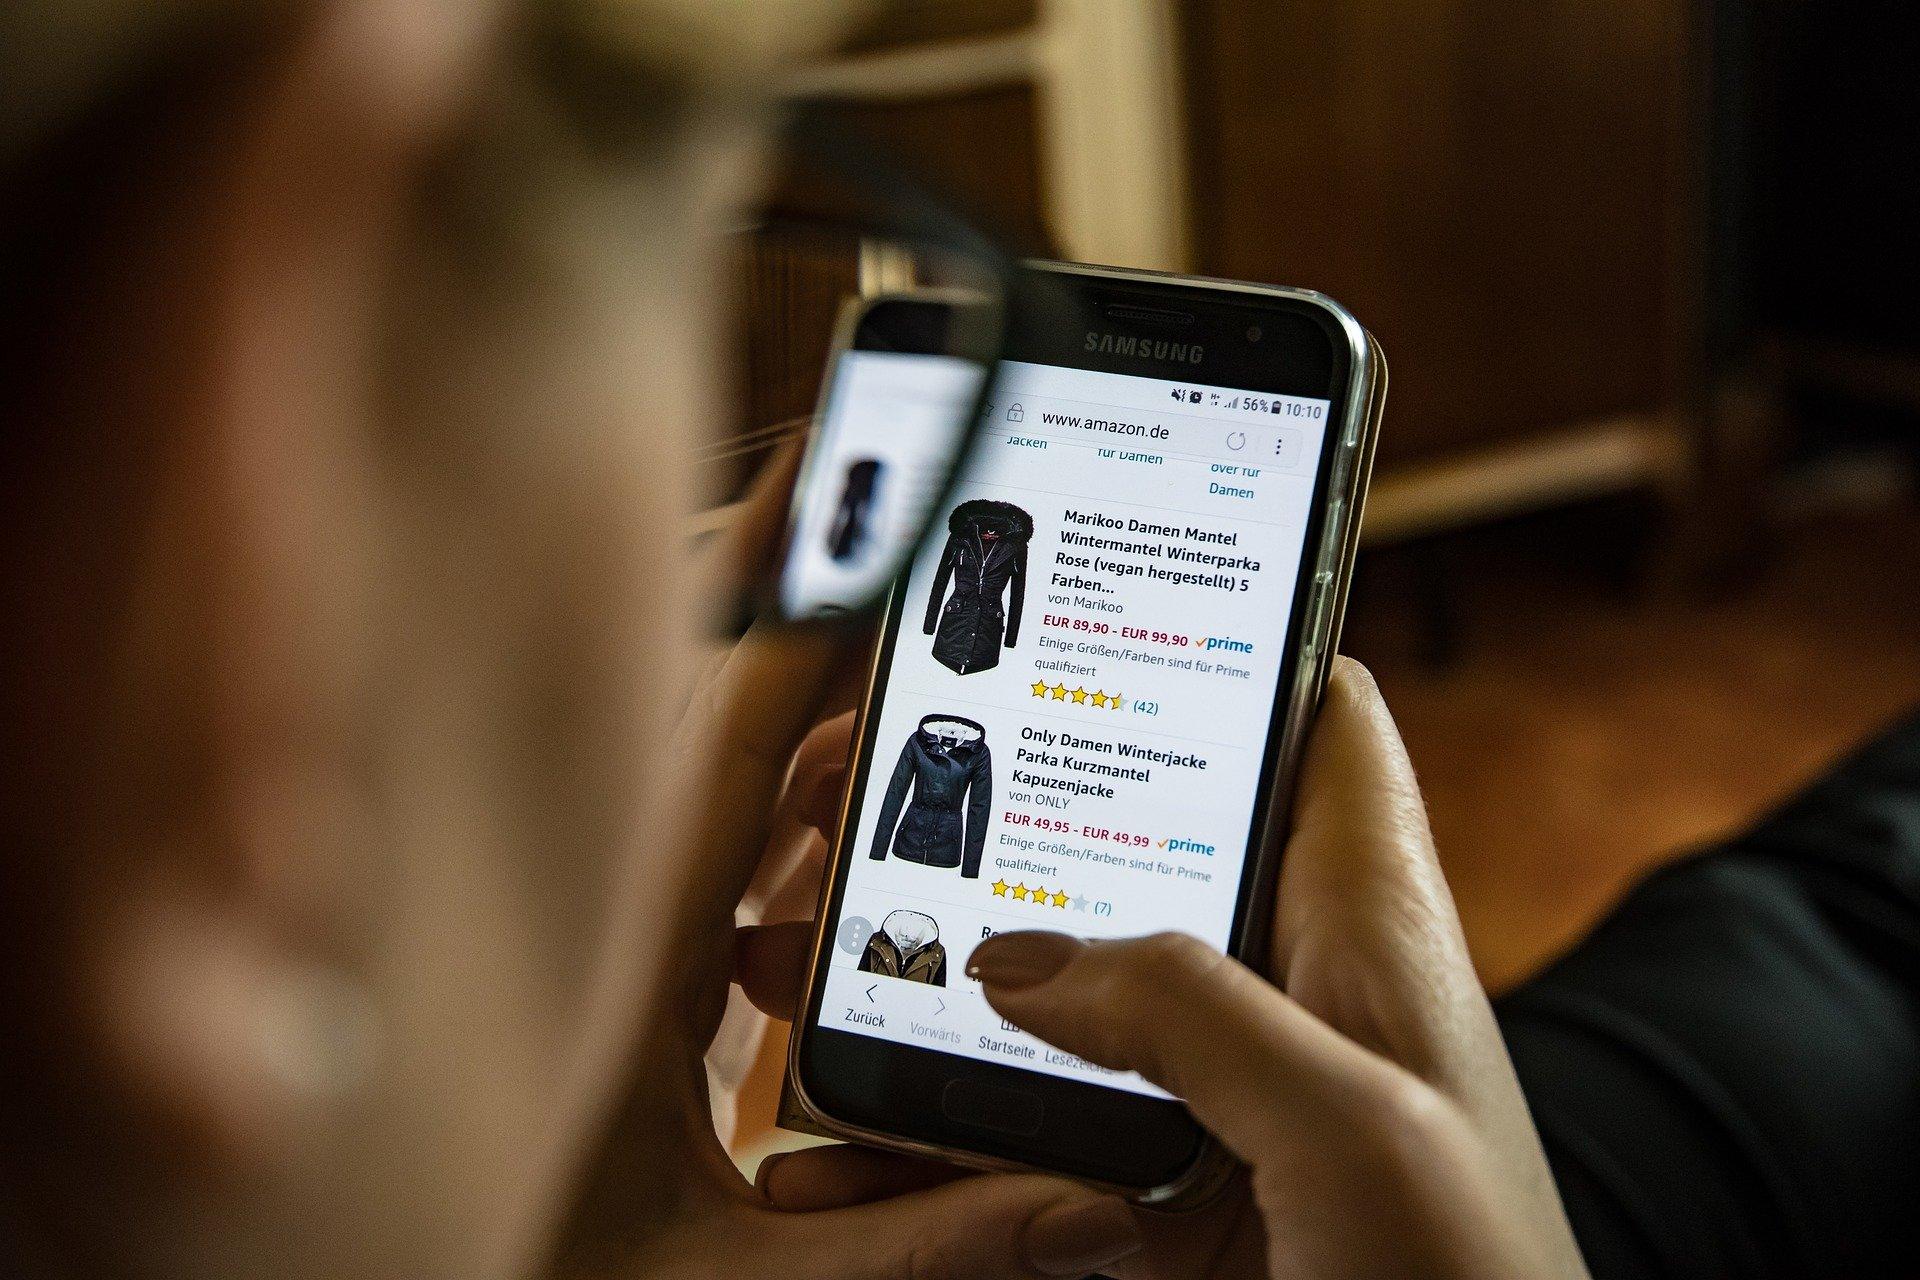 Кировчане в девять раз чаще стали покупать одежду в интернет-магазинах